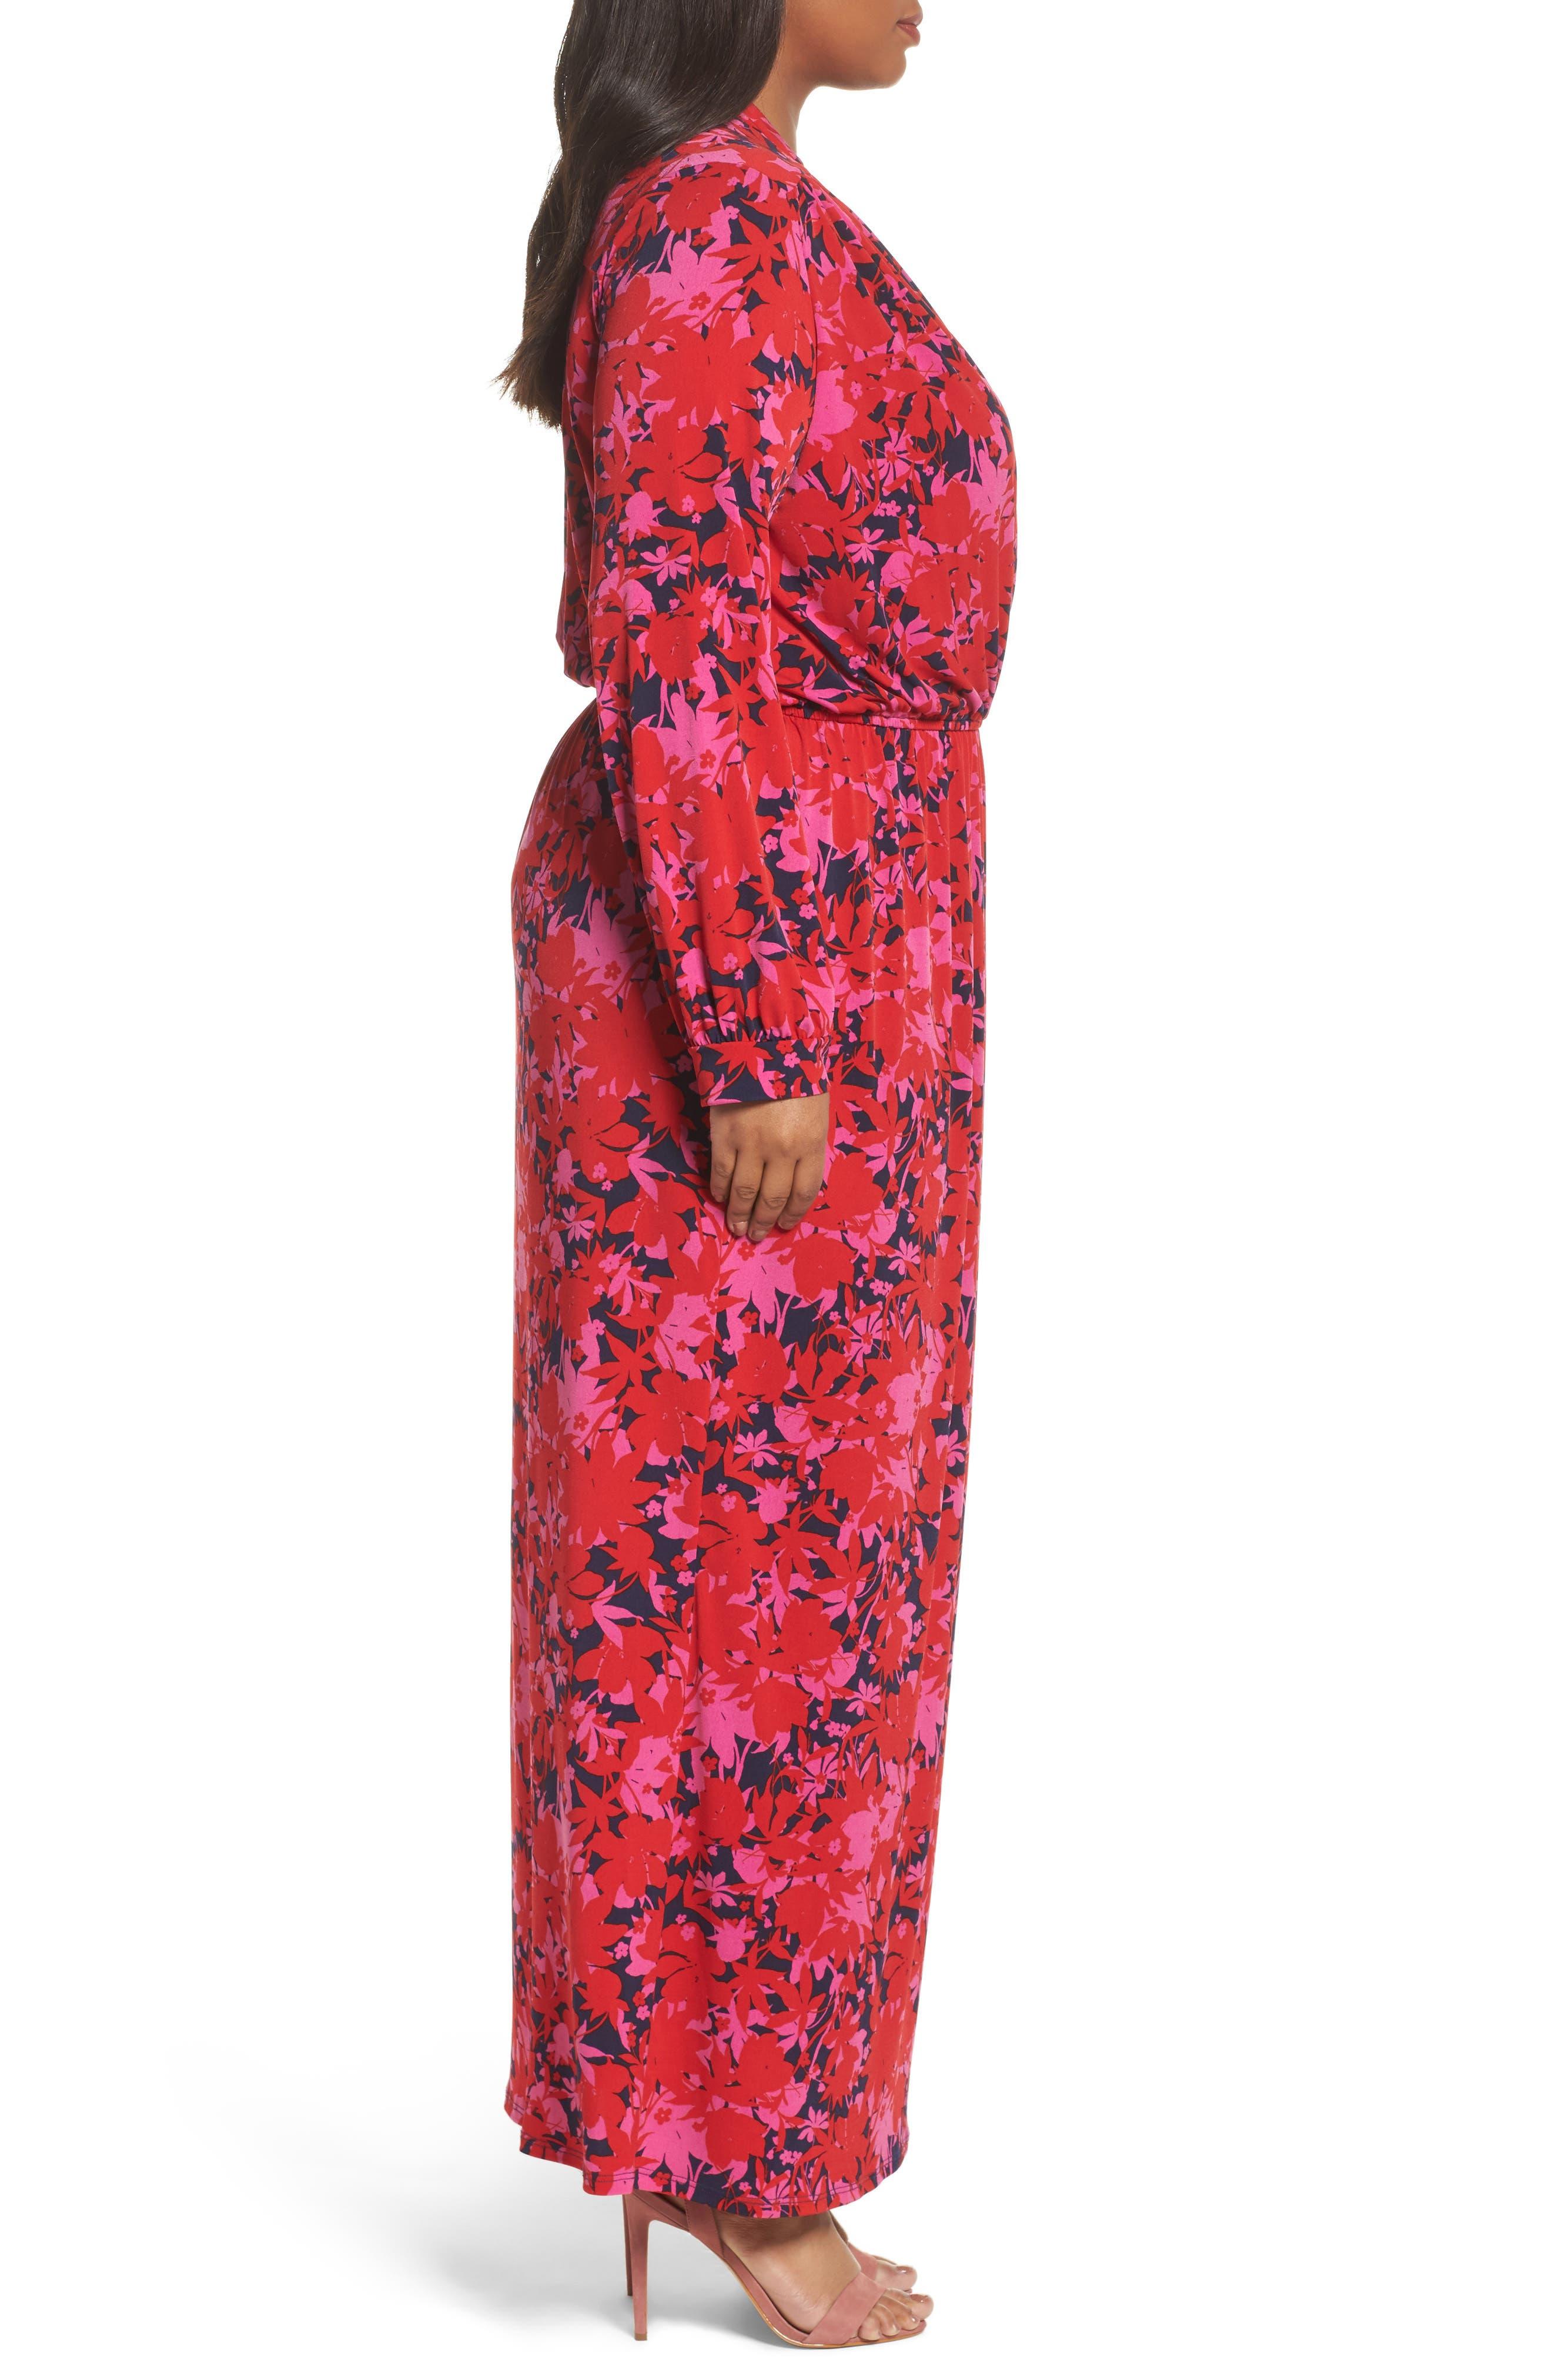 Bridget Floral Faux Wrap Maxi Dress,                             Alternate thumbnail 3, color,                             613